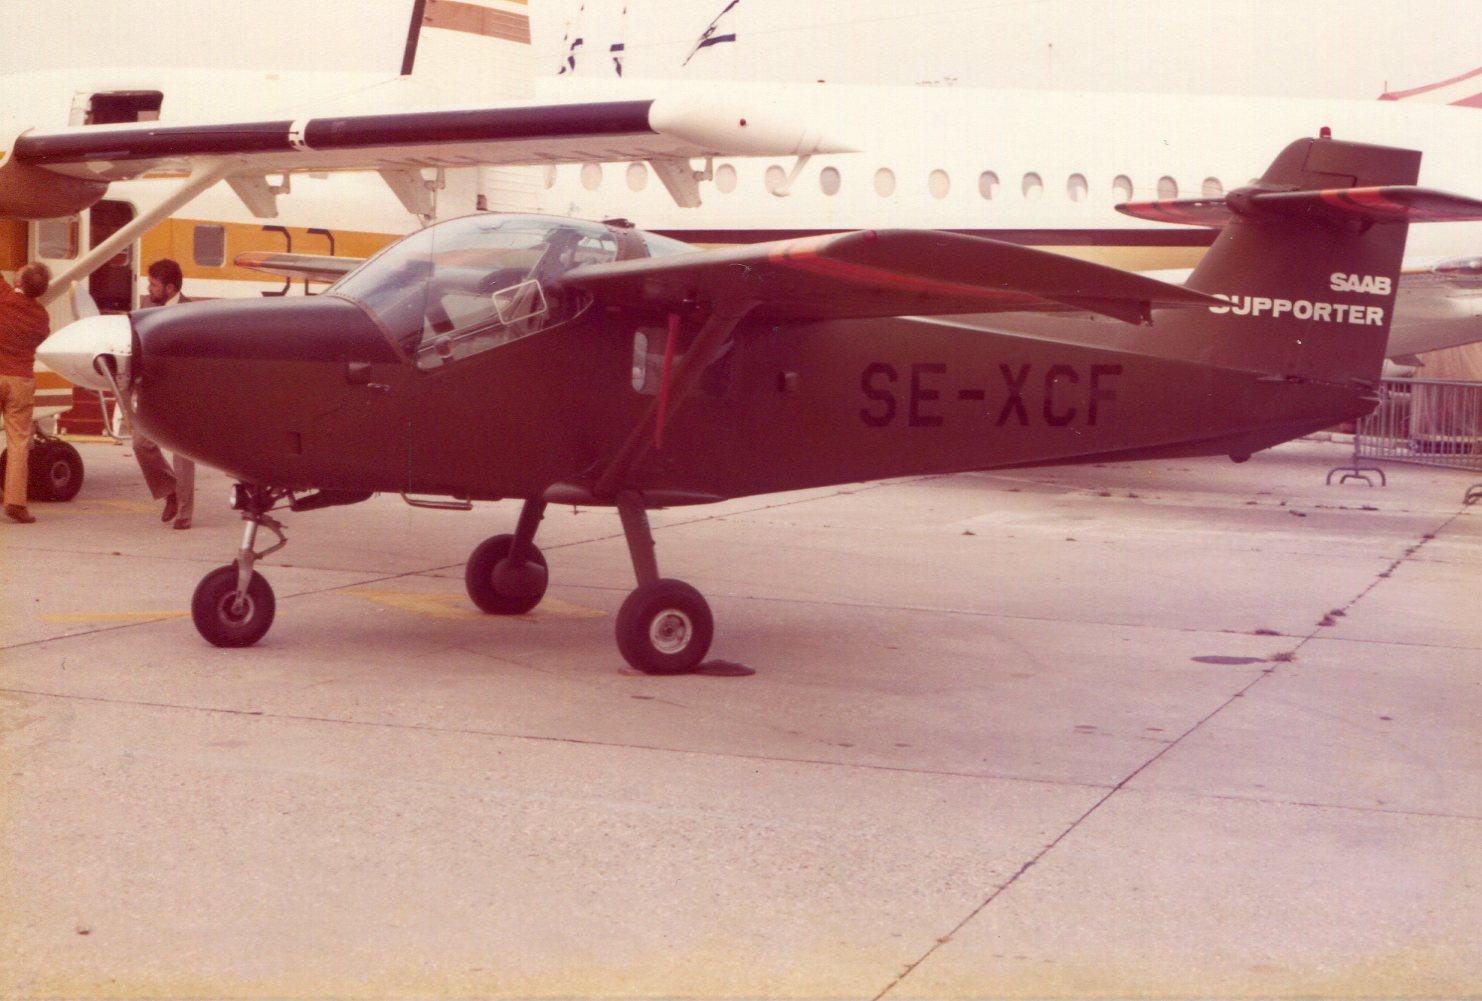 Naam: Saab Supporter.jpg Bekeken: 346 Grootte: 198,2 KB